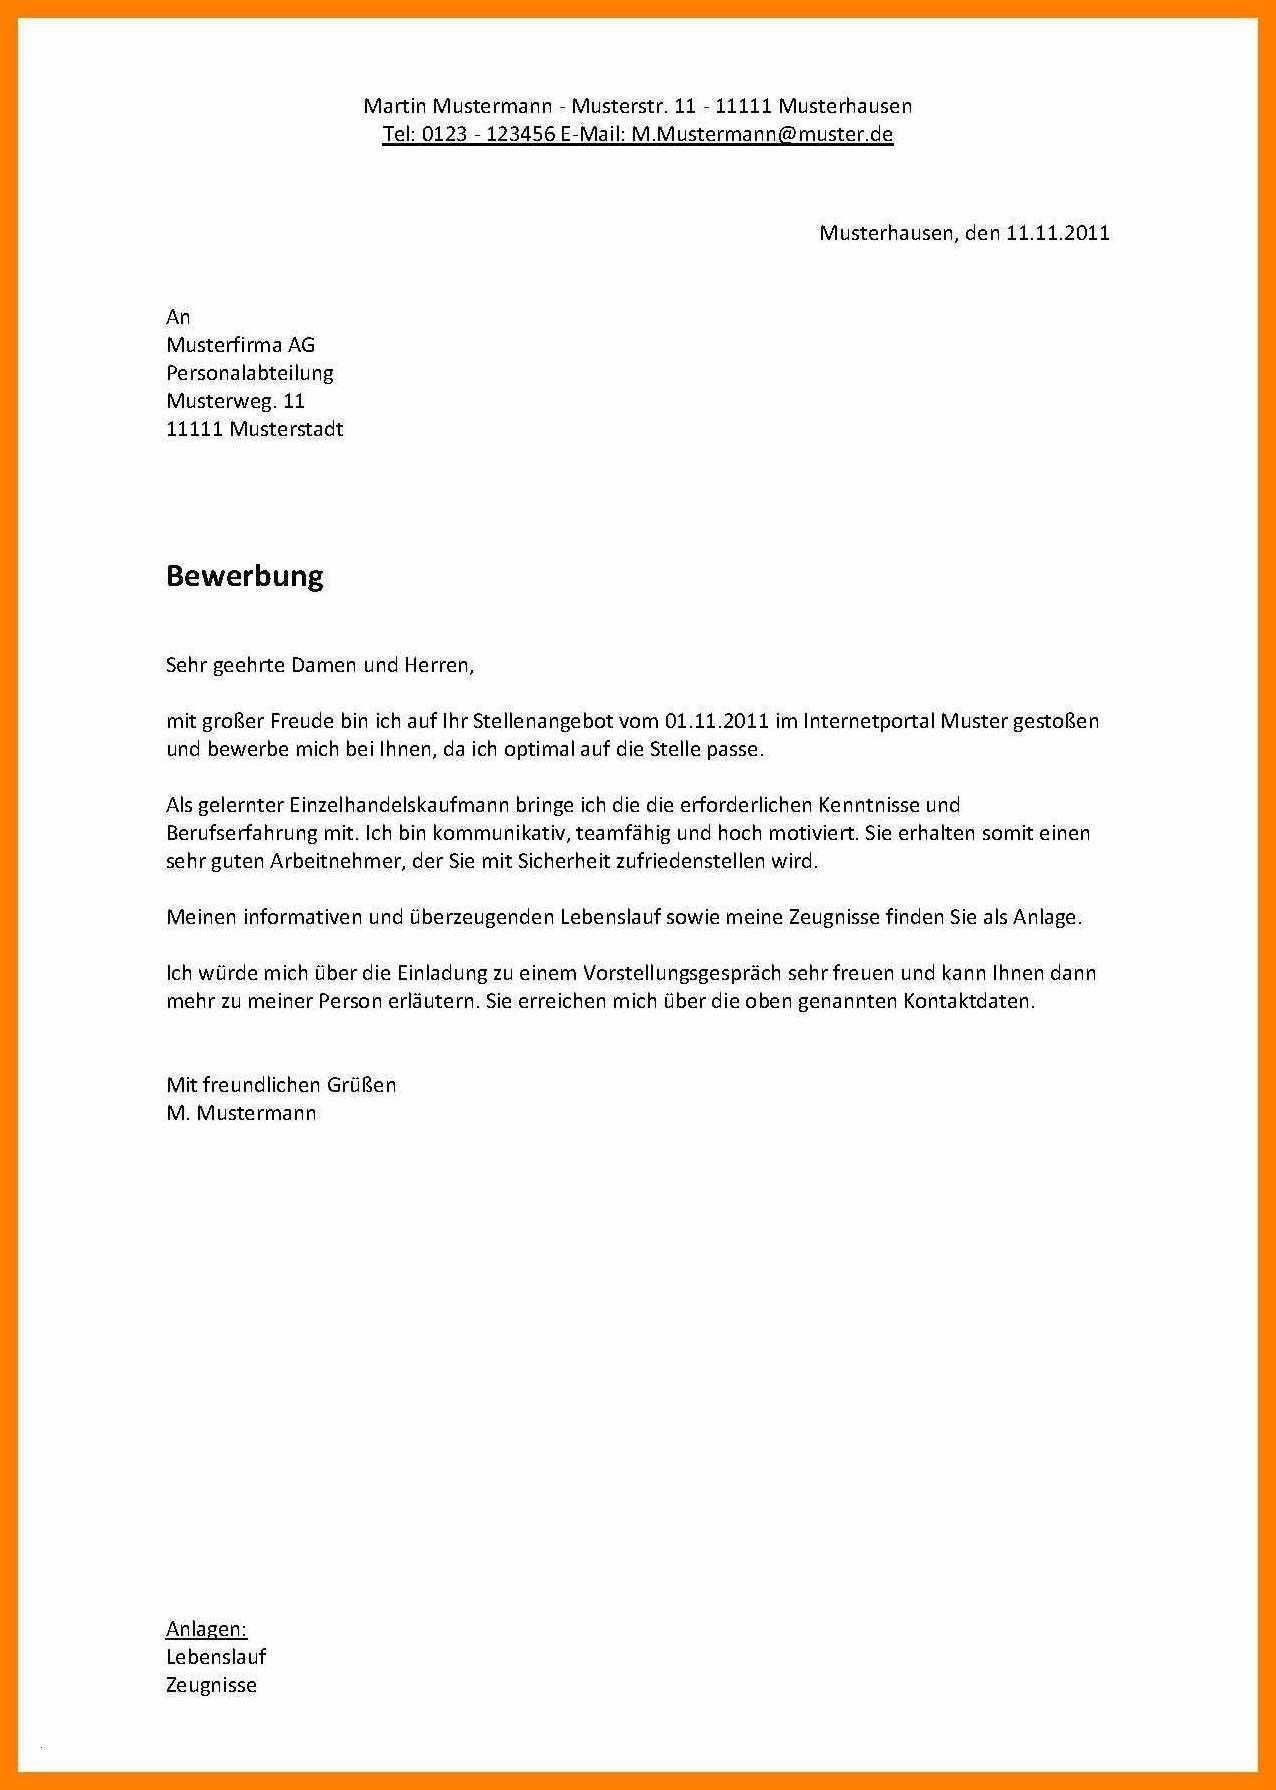 Einzigartig Bewerbung Nach Elternzeit Teilzeit Muster Briefprobe Briefformat Briefvorlage Bewerbung Schreiben Anschreiben Vorlage Bewerbung